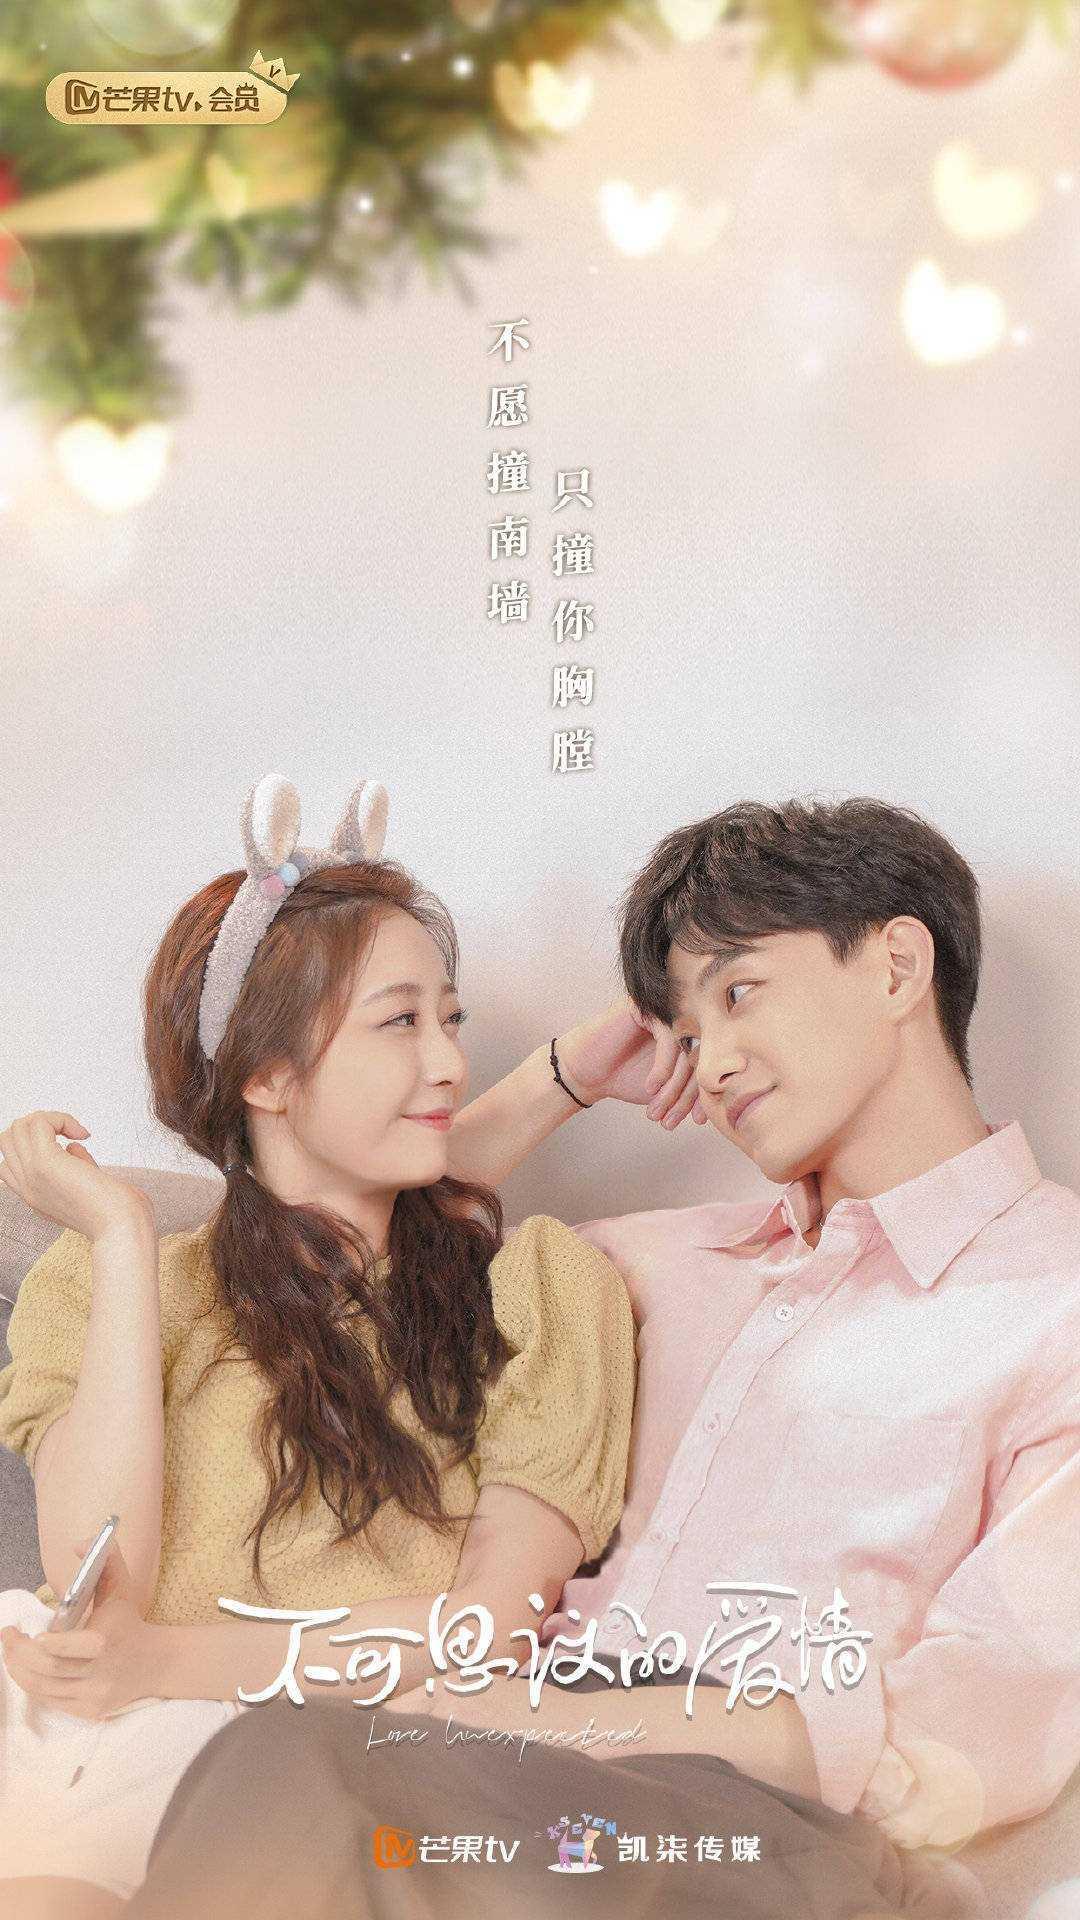 รักไม่คาดคิด-love-unexpected-2021-ซับไทย-ตอนที่-1-24-จบ-